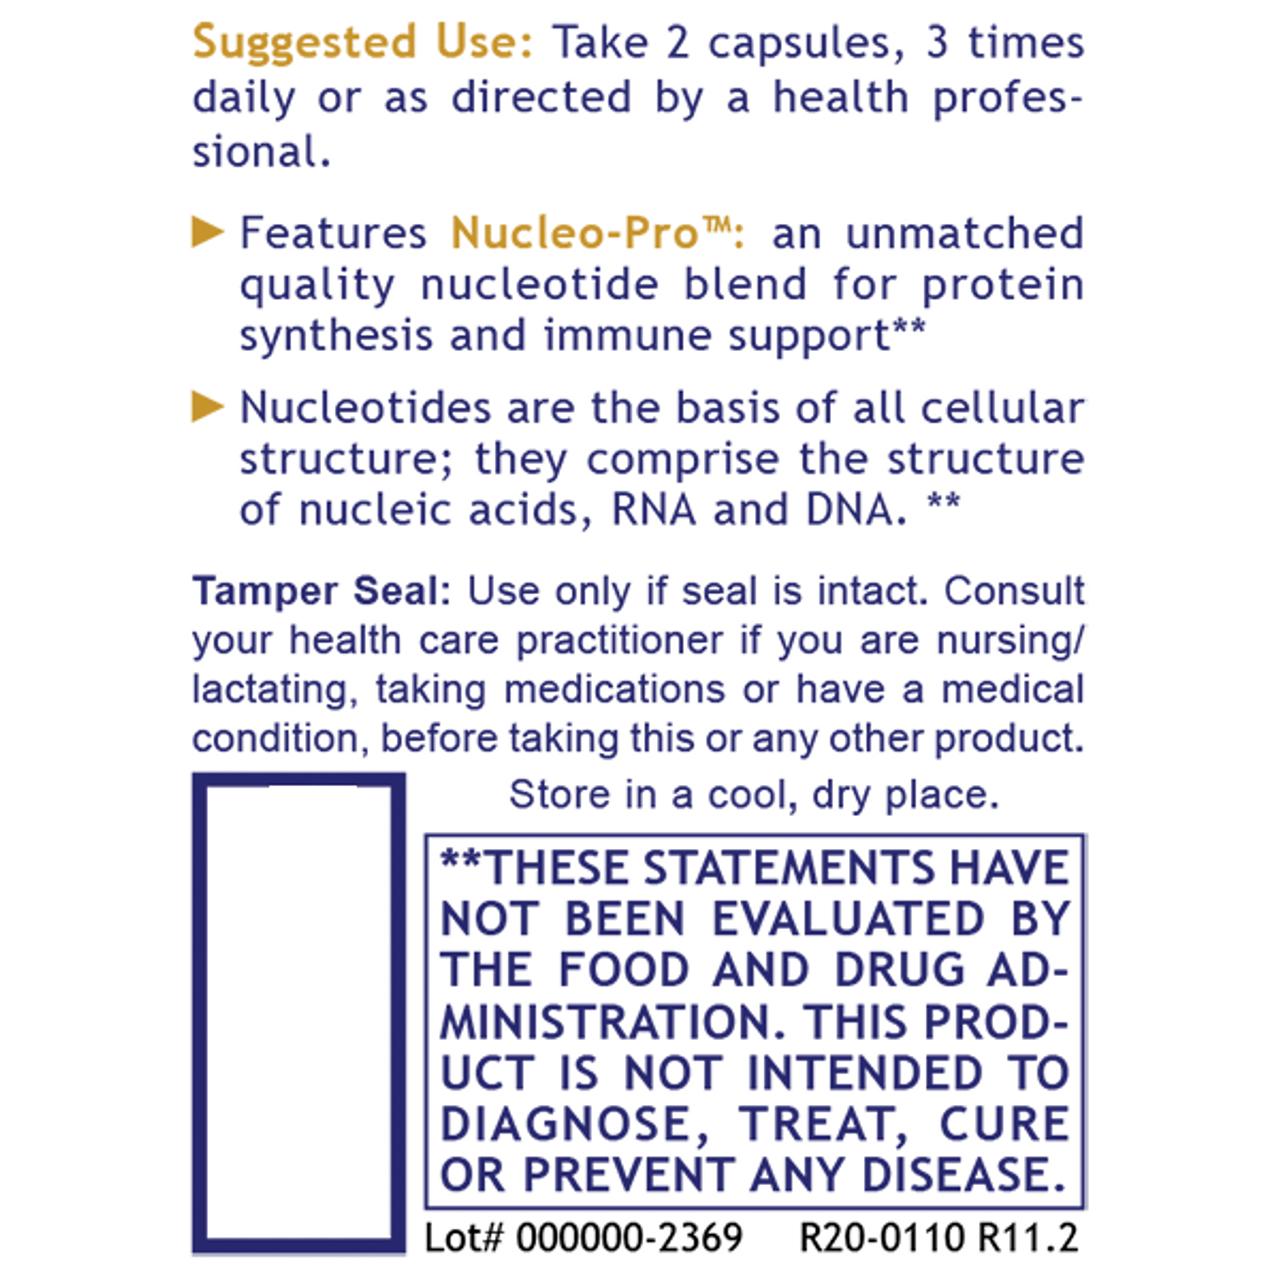 Nucleo Immune™